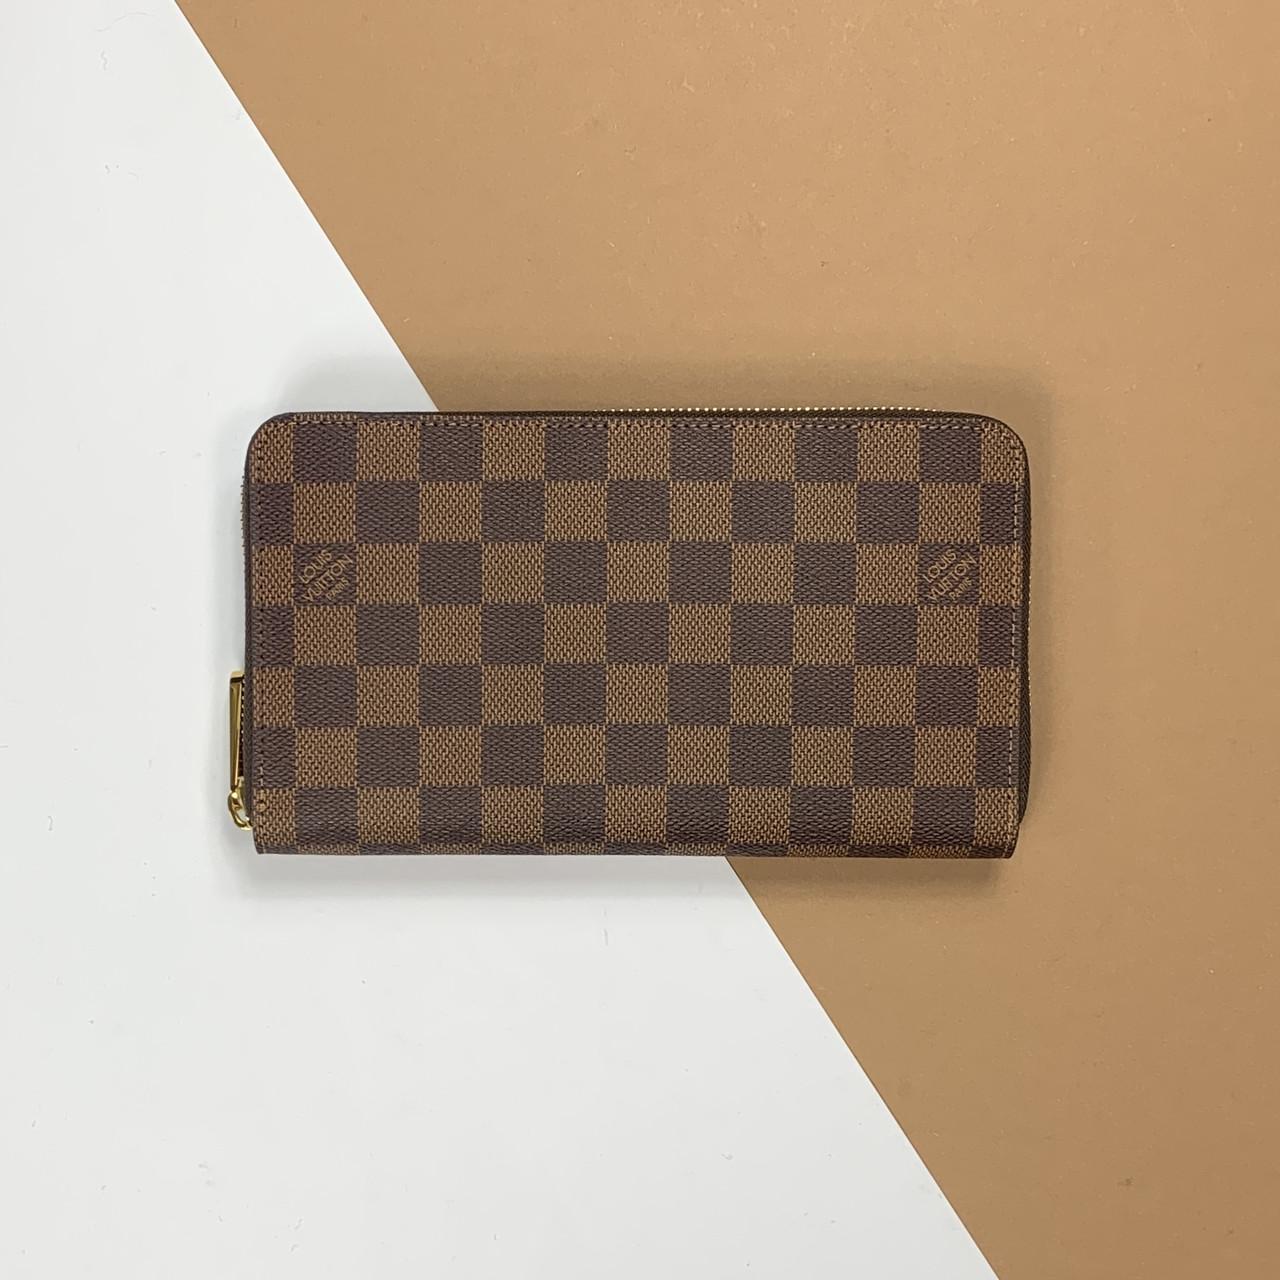 Louis Vuitton ZIPPY (Луи Виттон) арт. 22-141